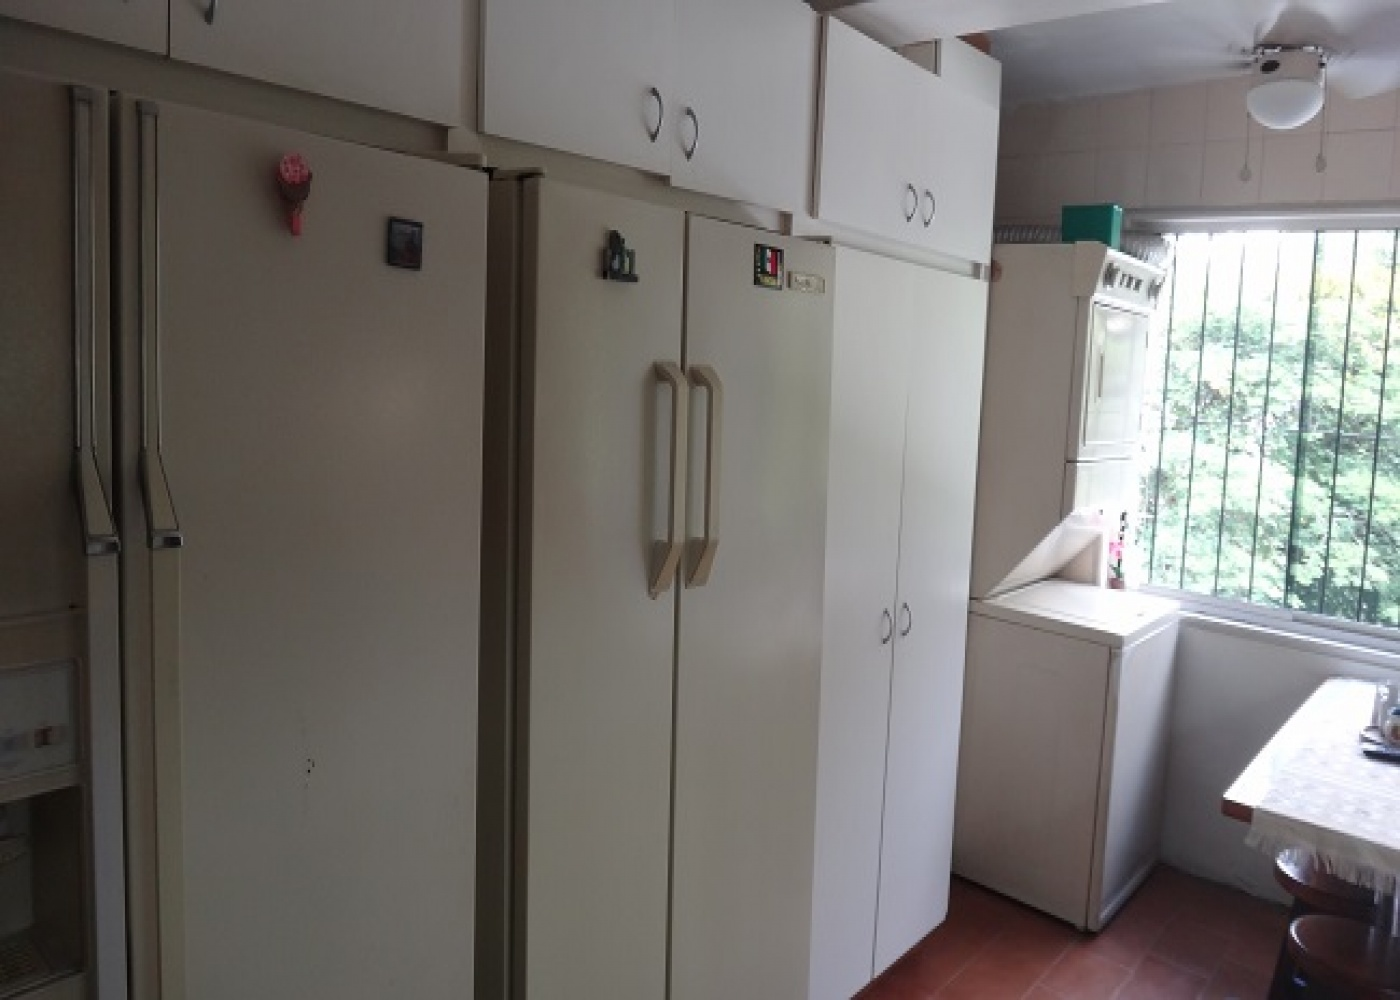 Calle 3, Caracas, Miranda, 3 Bedrooms Bedrooms, ,2 BathroomsBathrooms,Apartamento,Venta,Alcaravan,Calle 3,1035